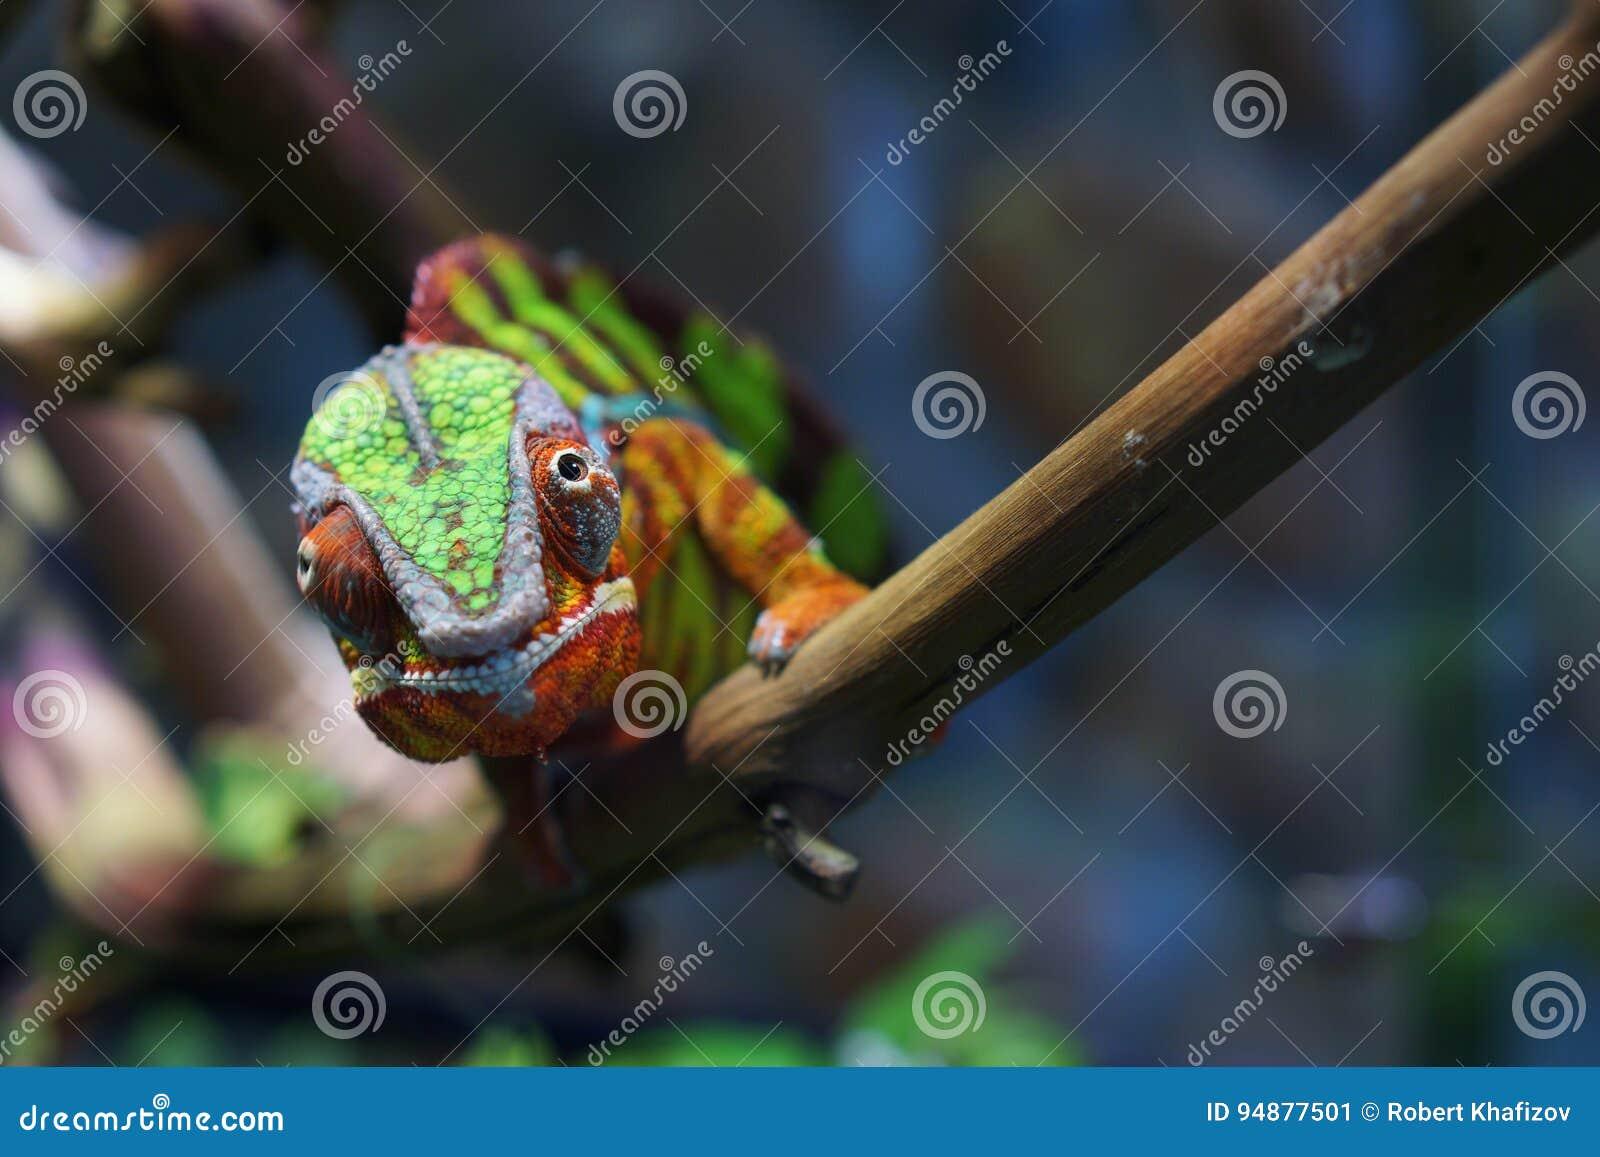 Portret van een panterkameleon van mooie kleur